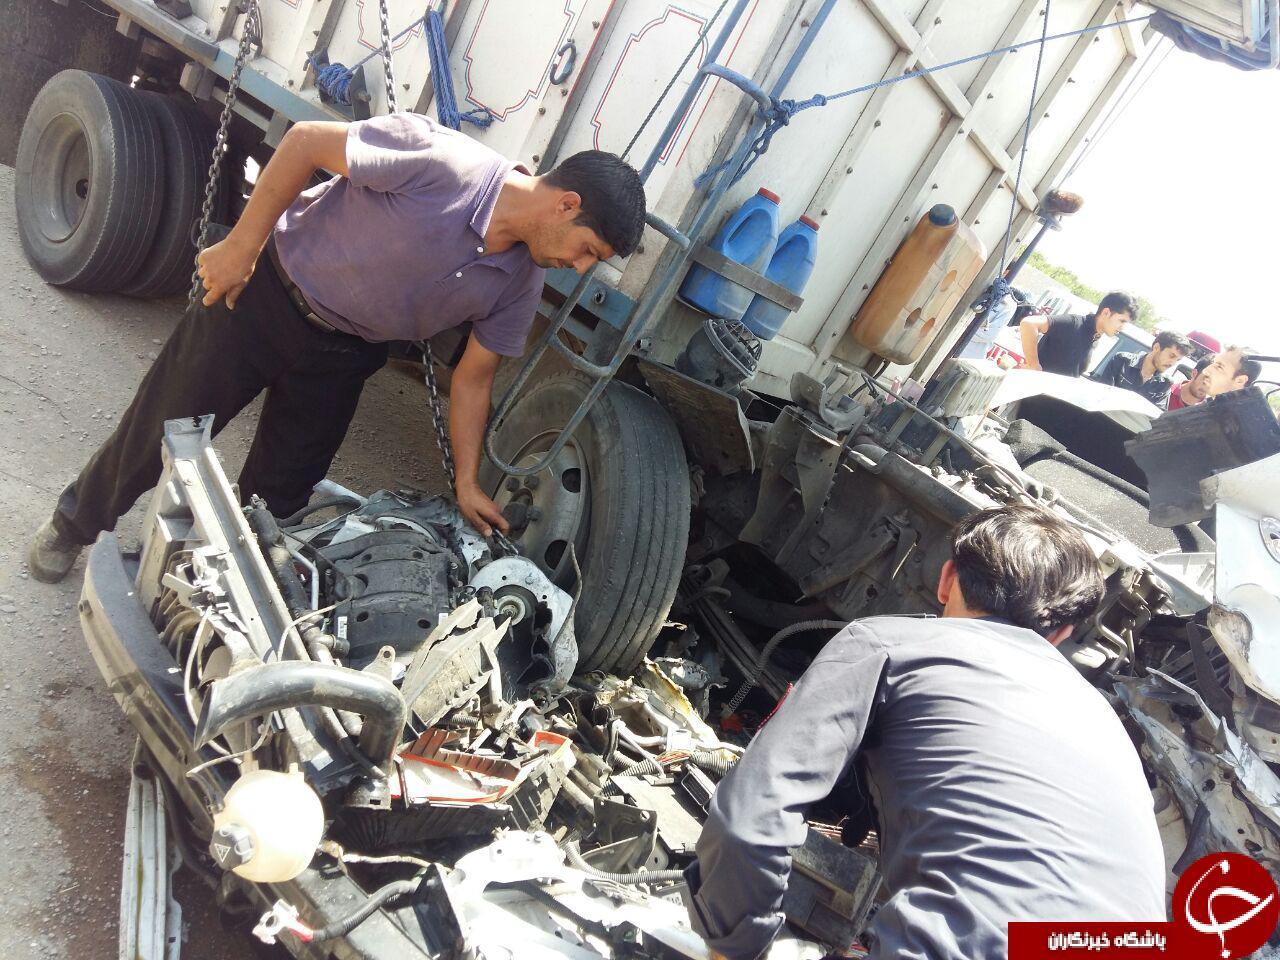 تکرار تصادف مرگبار در اتوبان شهید کاظمی تکرار تکرار تصادف مرگبار در اتوبان شهید کاظمی            4